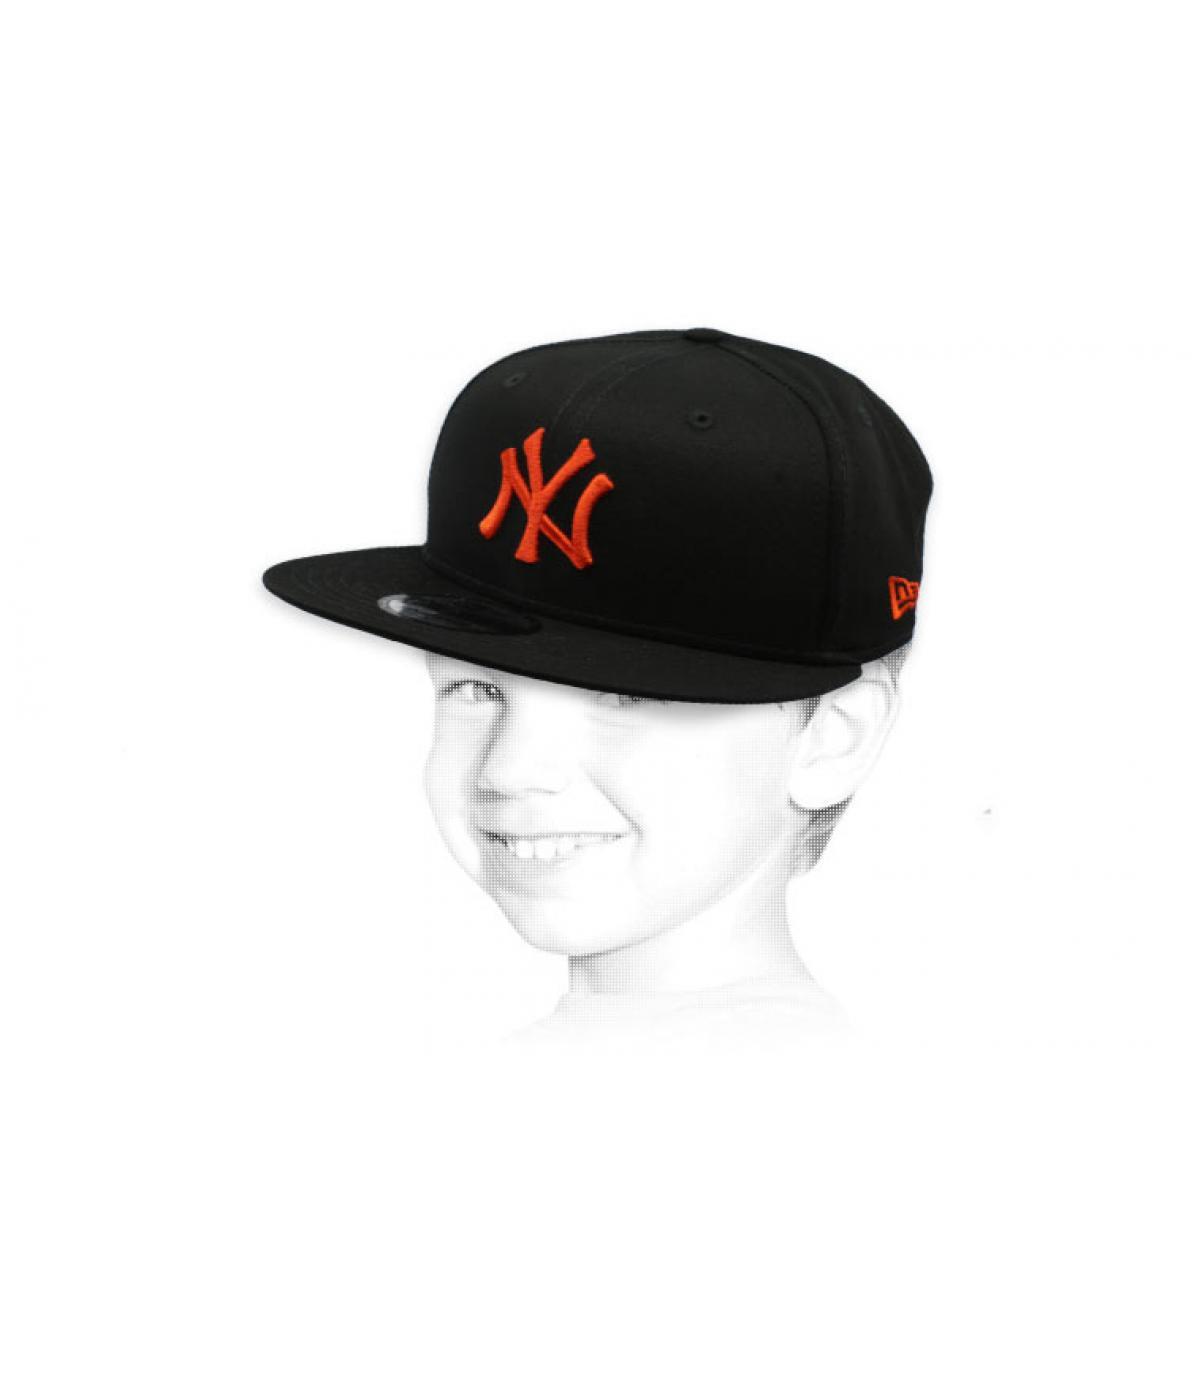 snapback bambino NY nero arancio